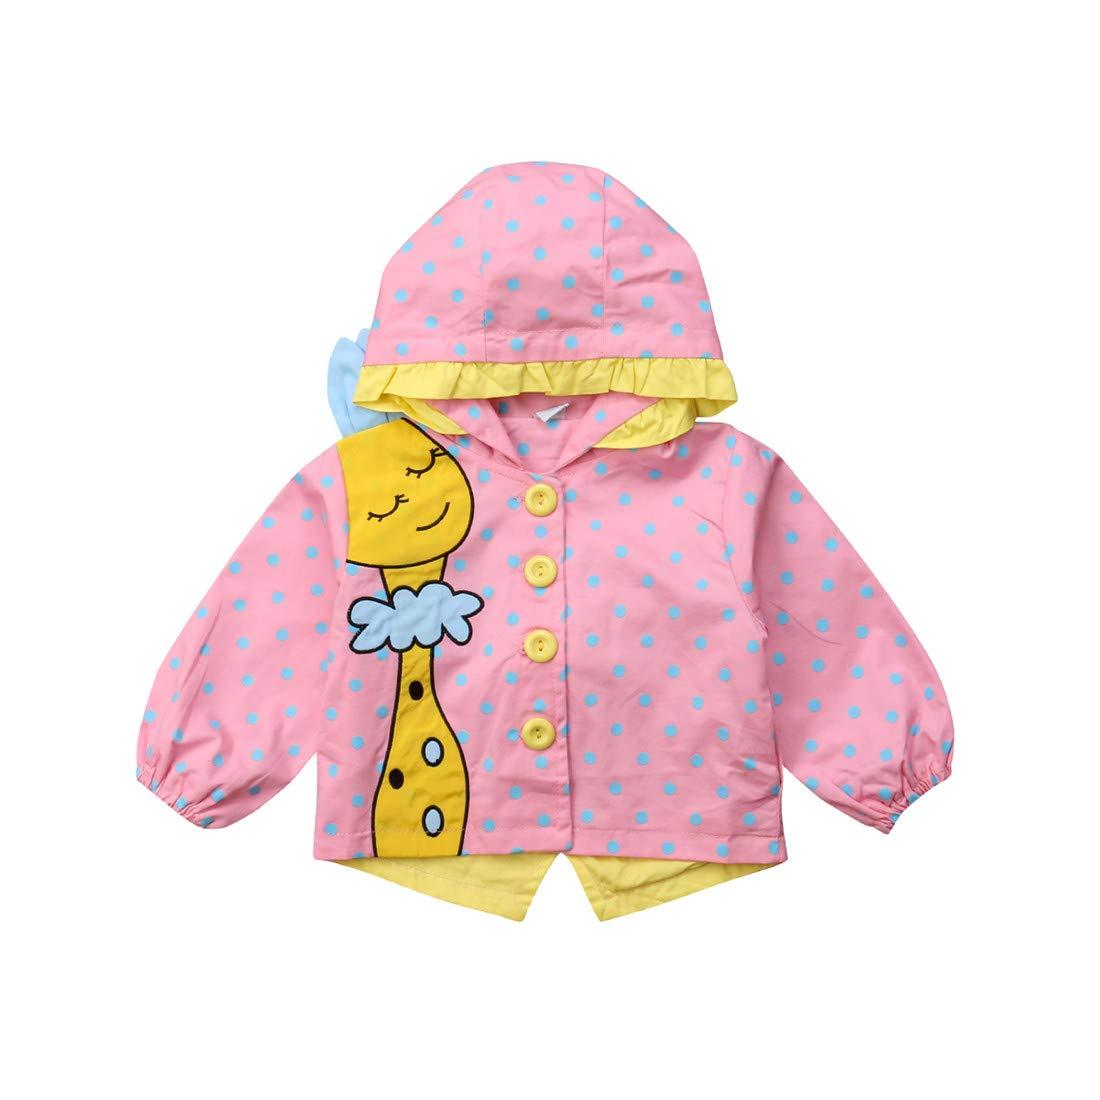 Newborn Baby Girl Giraffe Jacket Windbreaker Rain Wear Winter Autumn Warm Hooded Coat Outfit